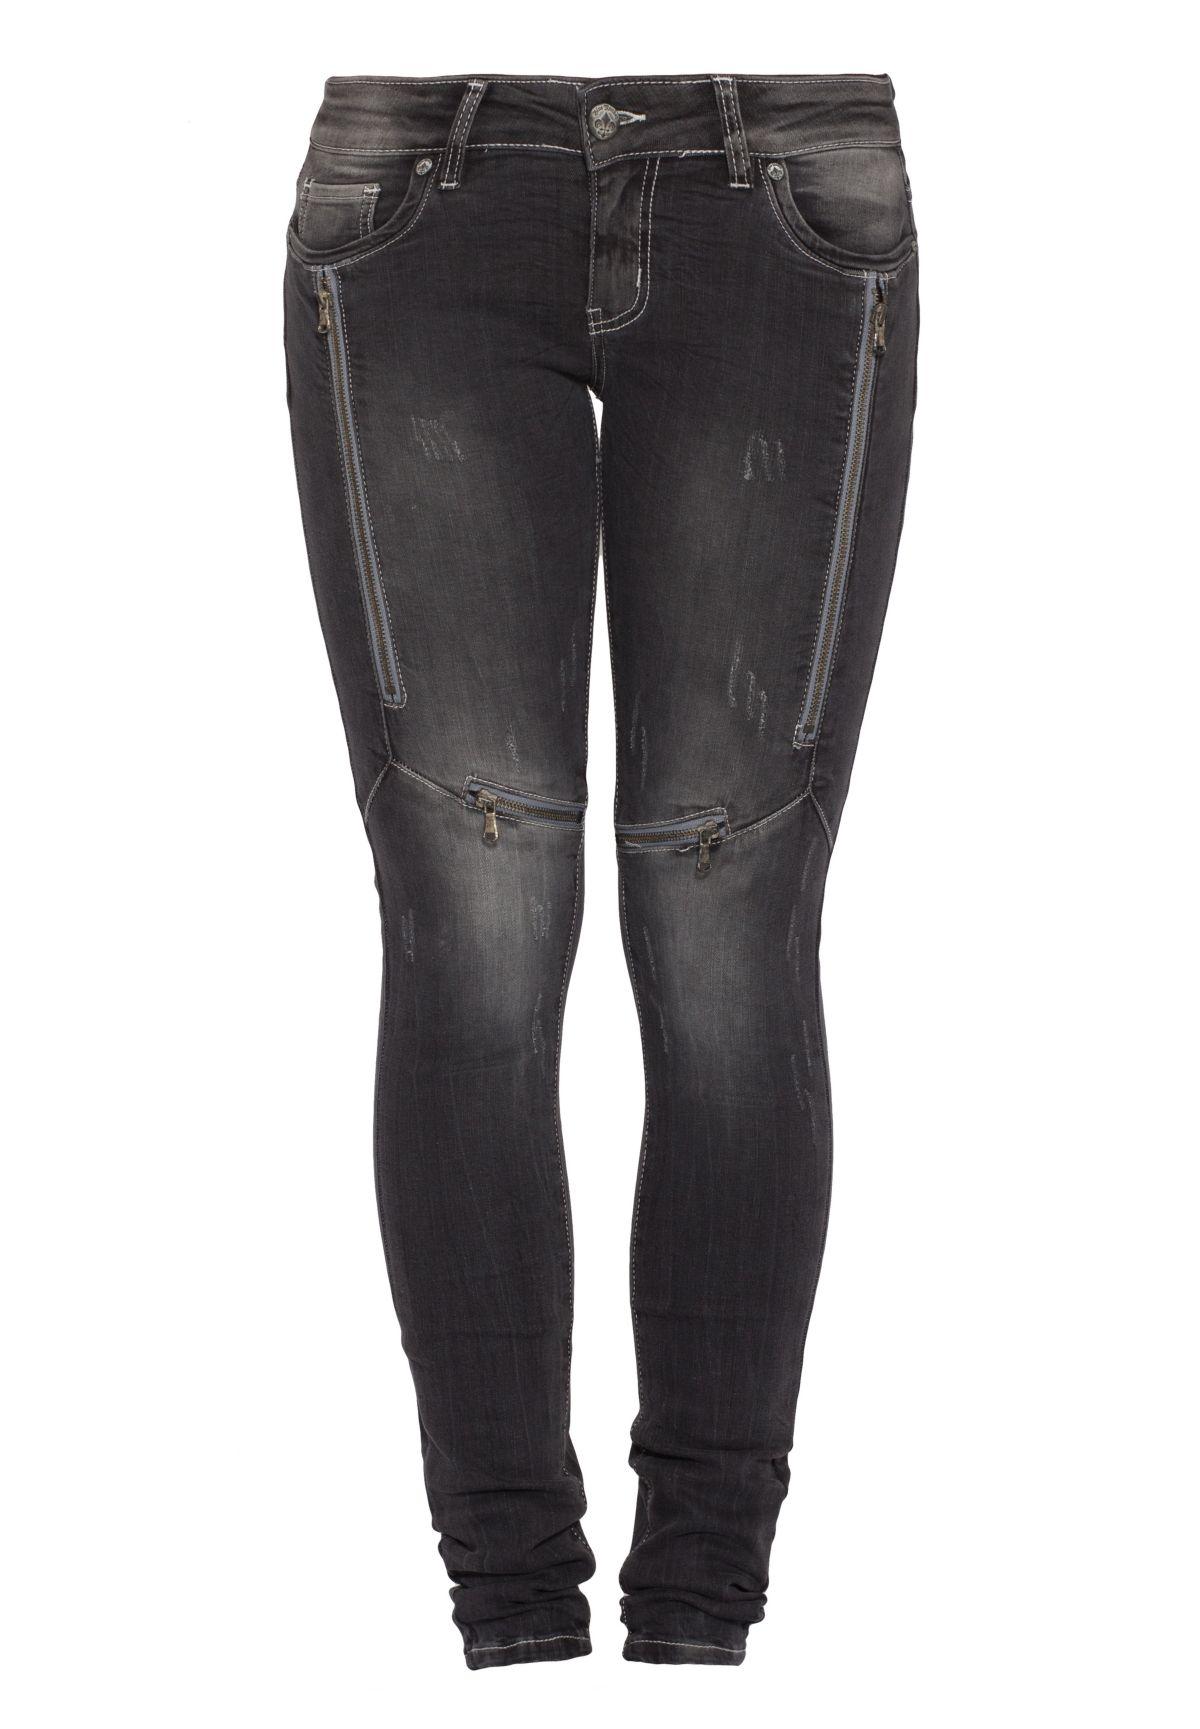 Blue Monkey Skinny-fit-Jeans »Lucy 1108« von Schwab Versand in black - Schwarz für 79,95€